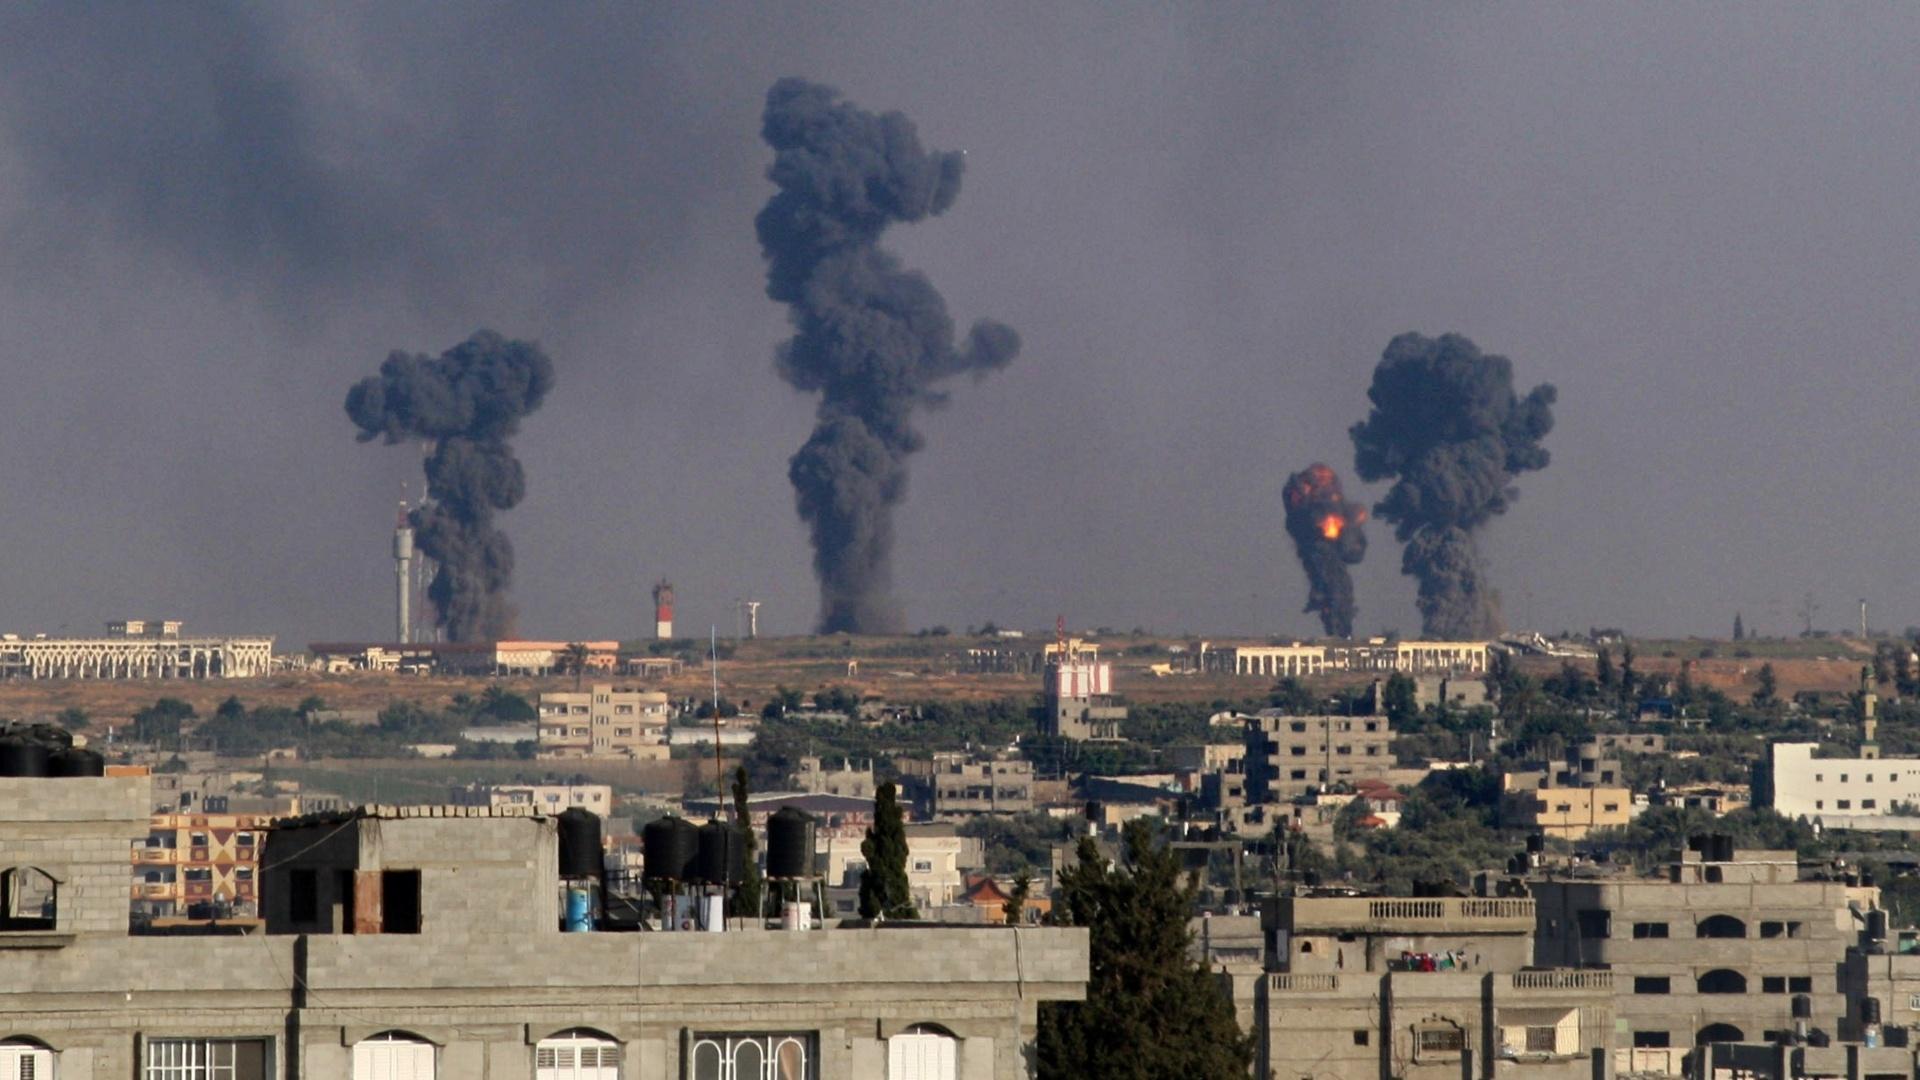 Israel volta a bombardear sul de Gaza após ataques do Hamas